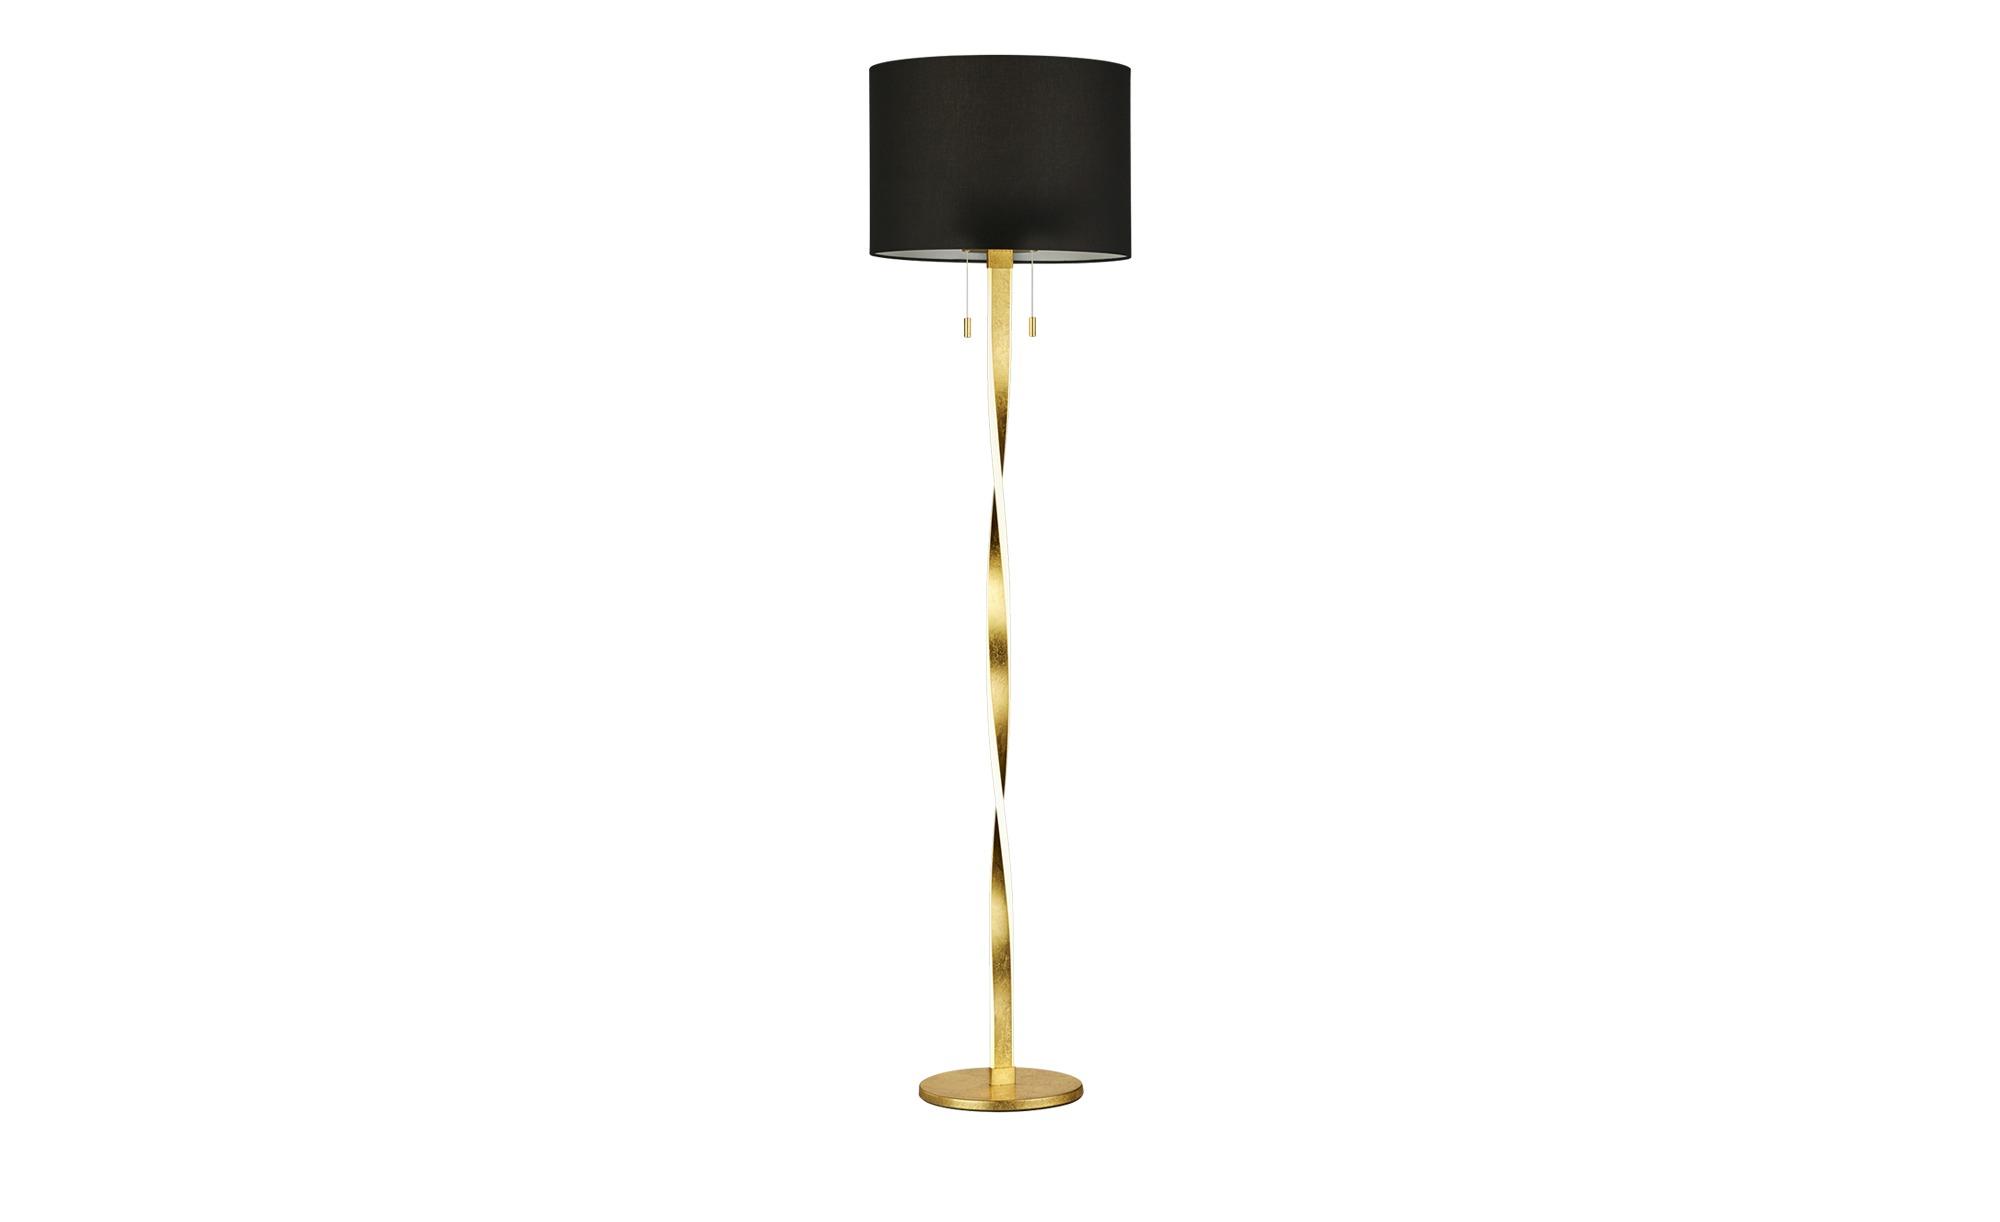 Stehlampen Elva4home